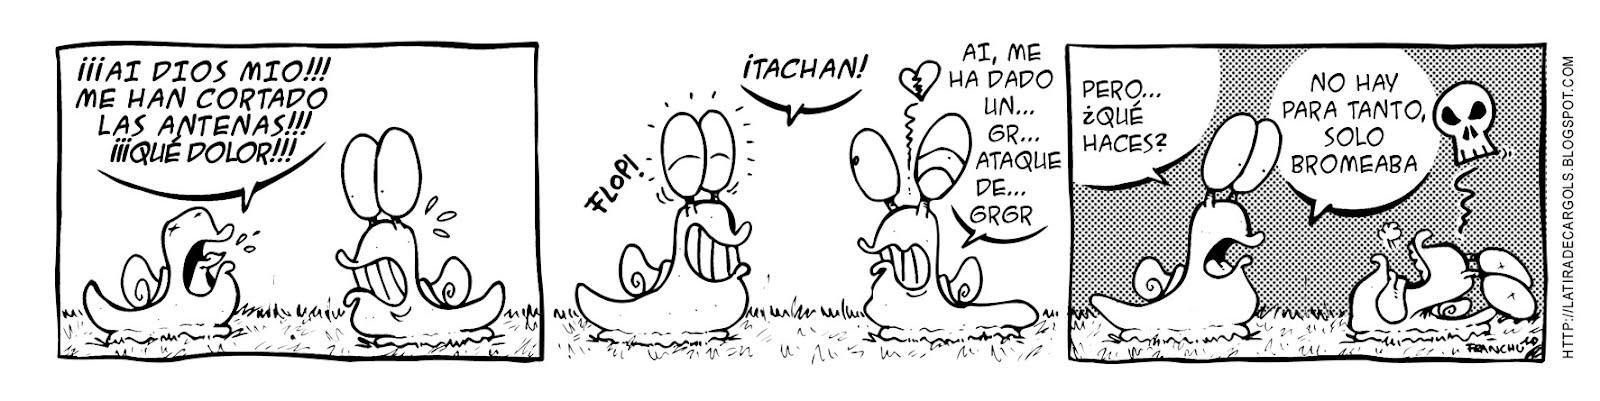 Tira comica 129 del webcomic Cargols del dibujante Franchu de Barcelona